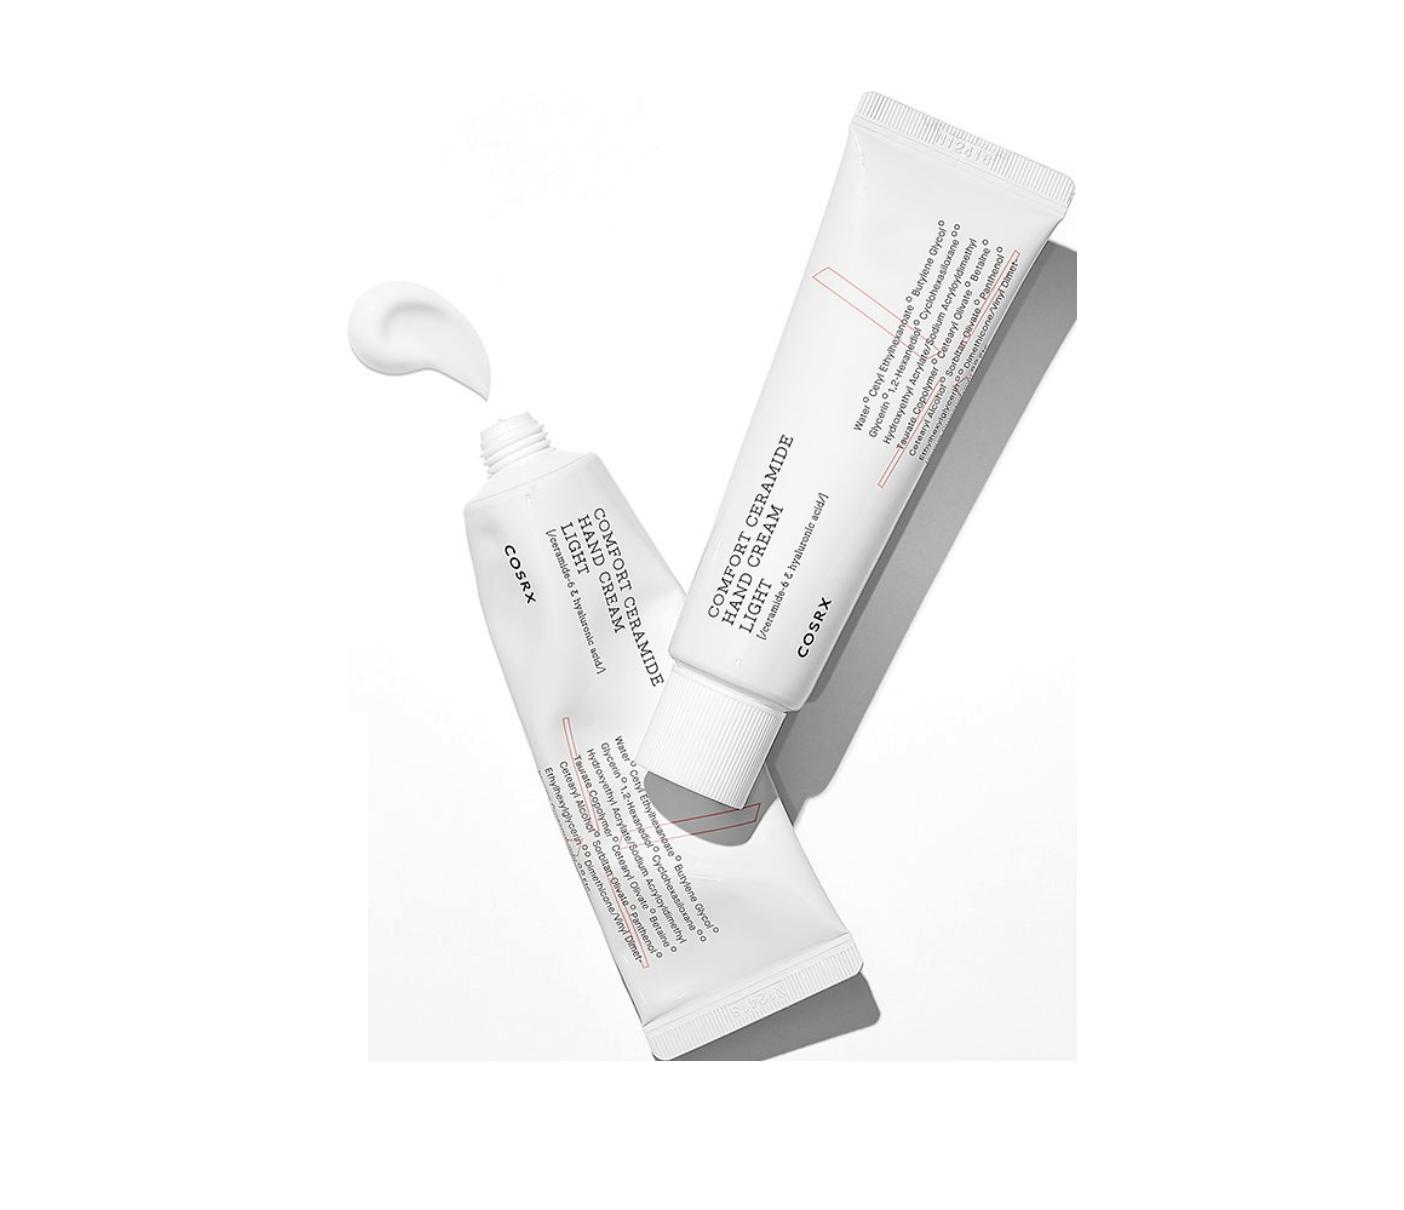 cosrx-balancium-hand-comfort-ceramide-cream-avis